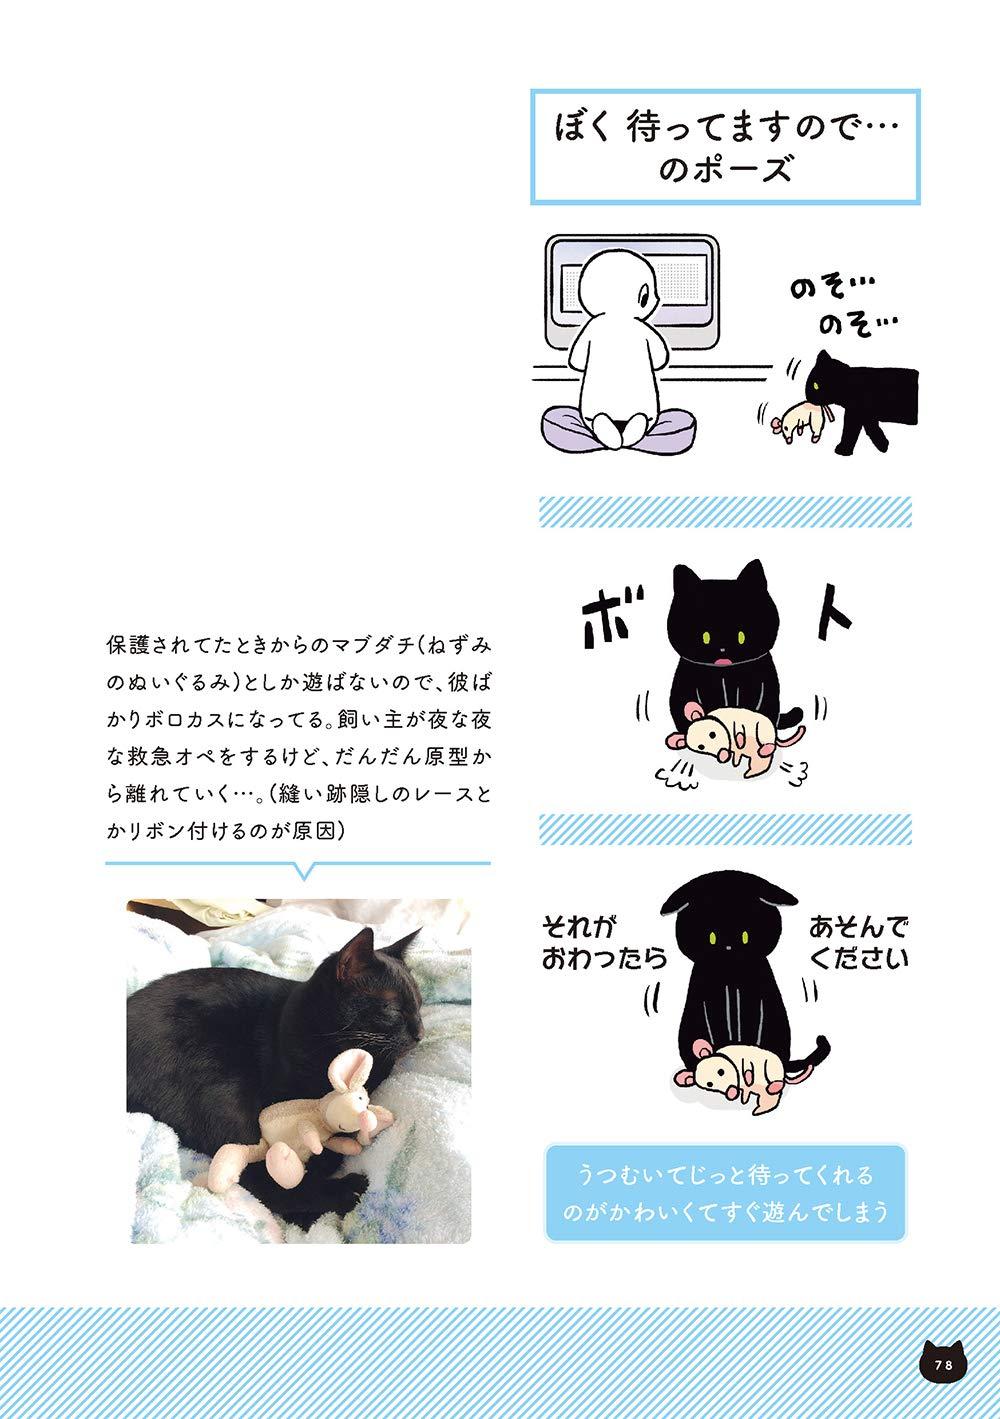 おすすめ 漫画 猫 黒